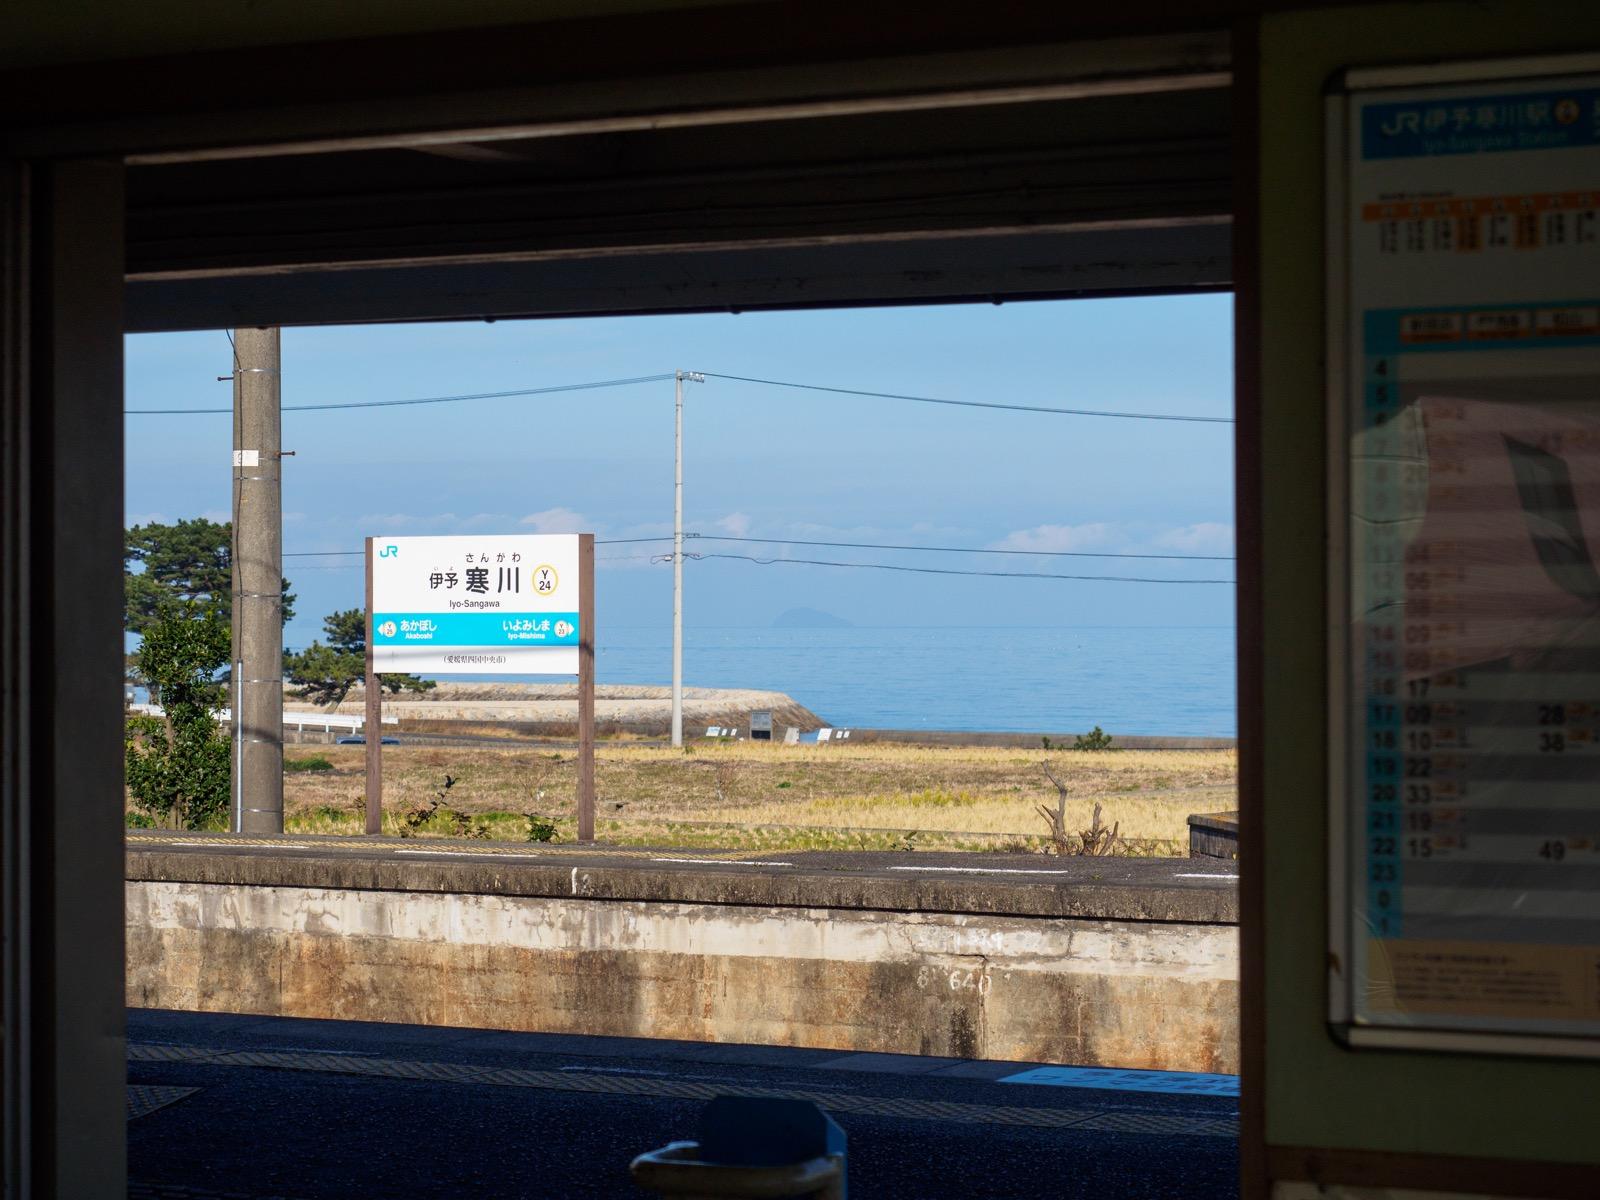 伊予寒川駅の駅舎から見た海と寒川豊岡海浜公園ふれあいビーチ